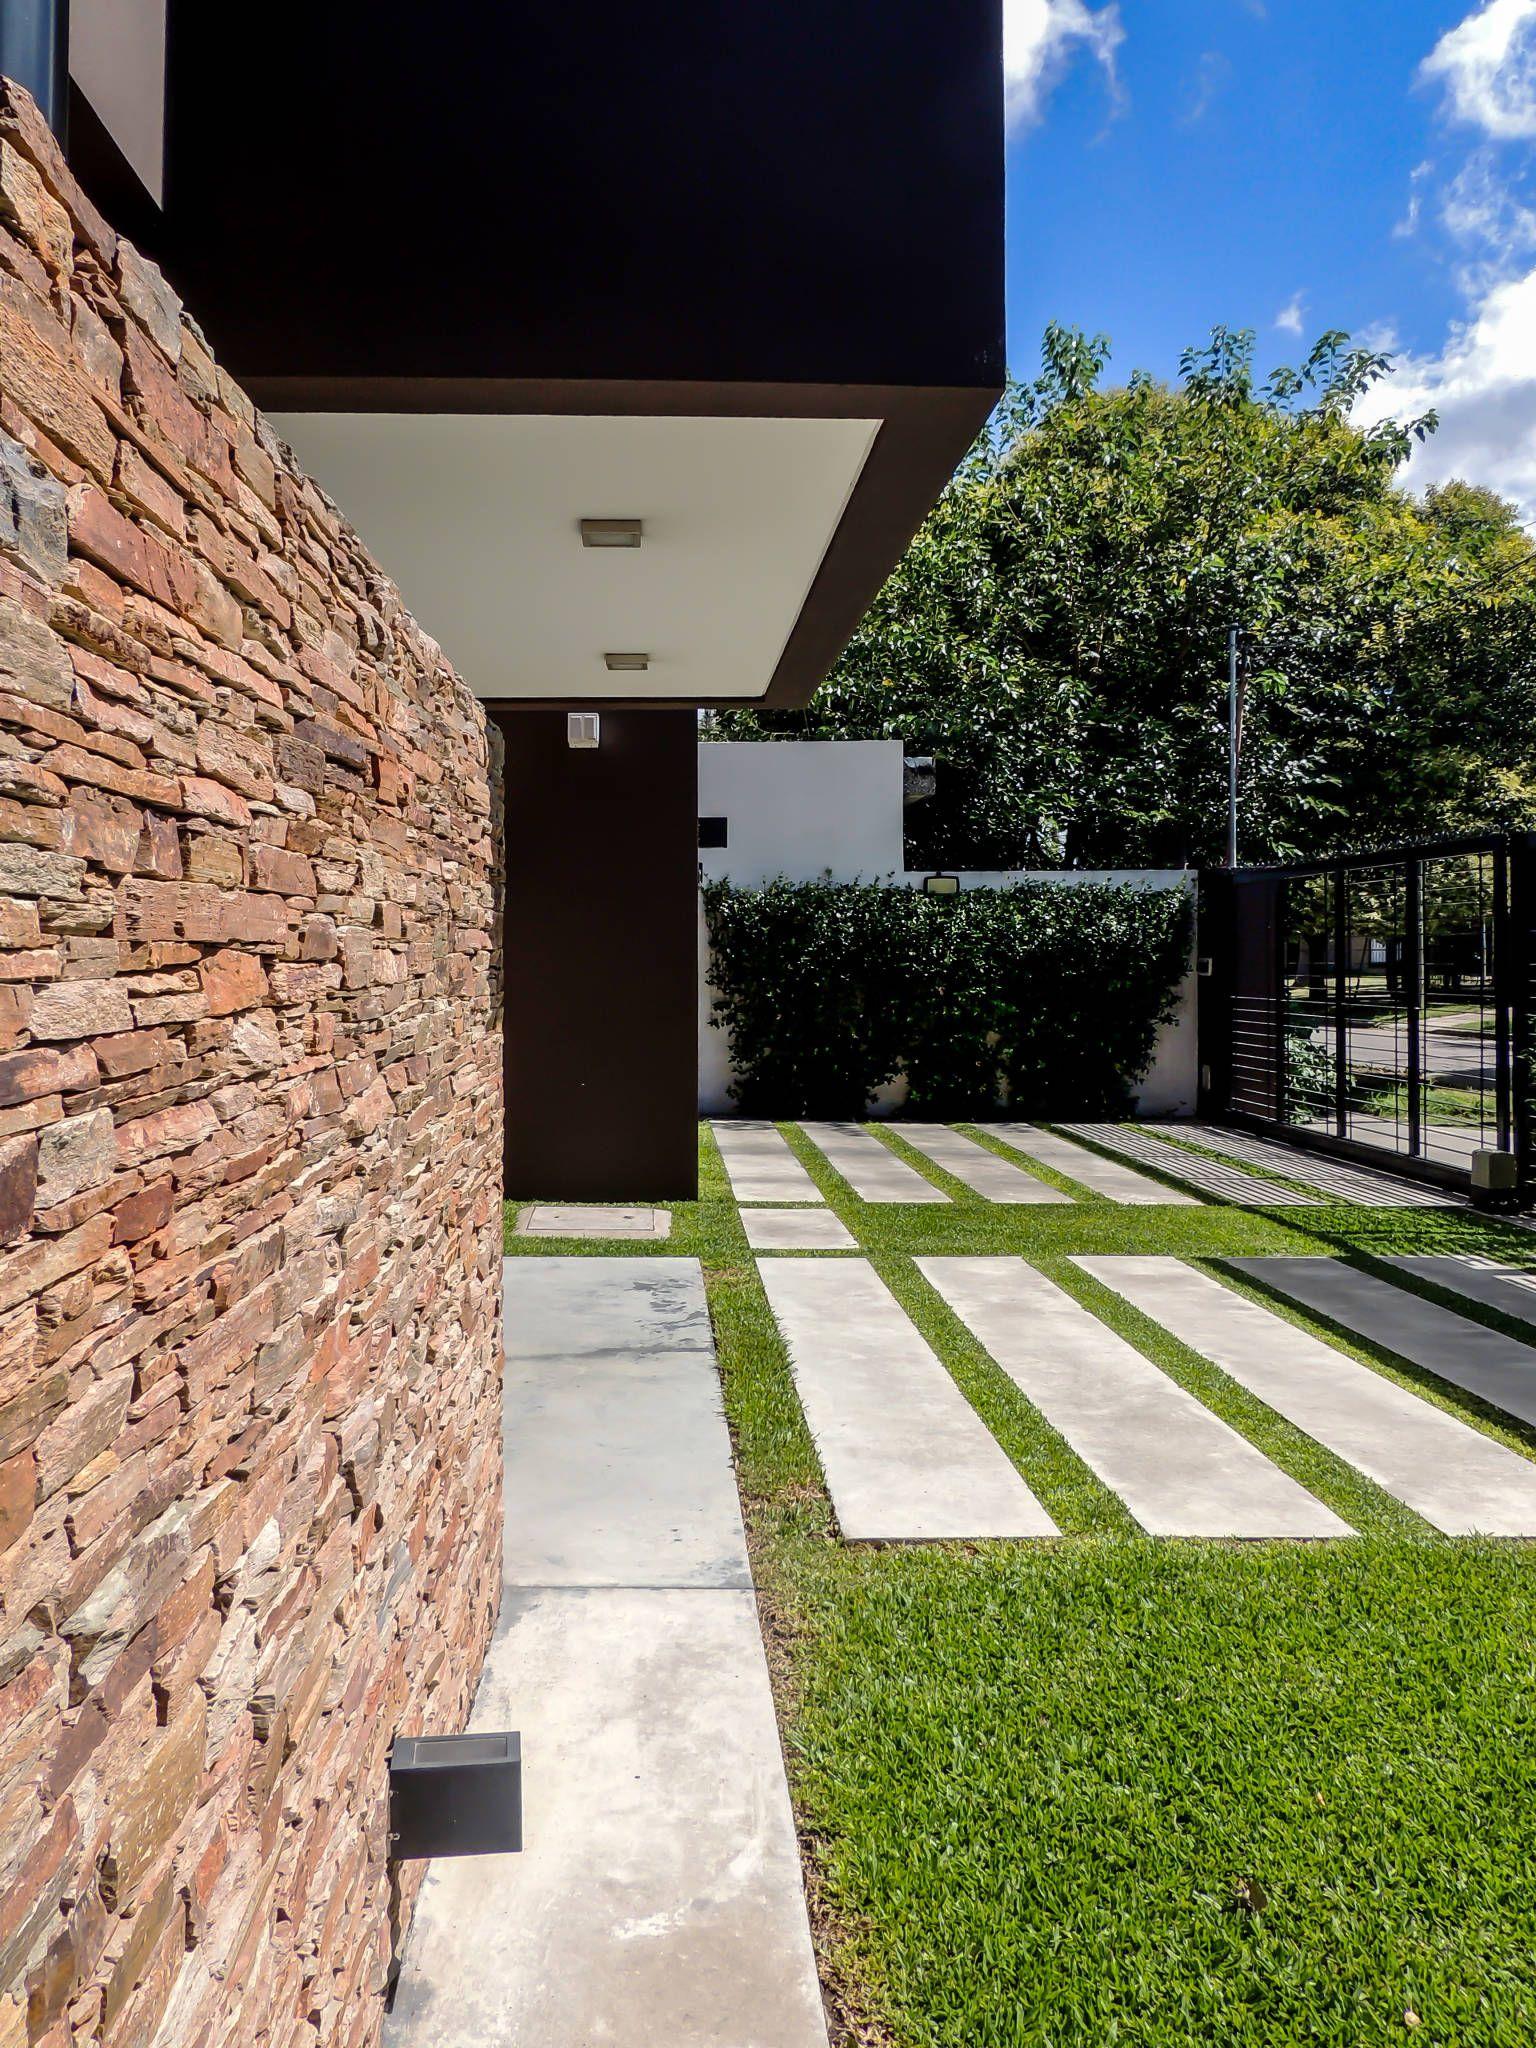 Carbone house casas de estilo por carbone fernandez - Fachadas viviendas unifamiliares ...